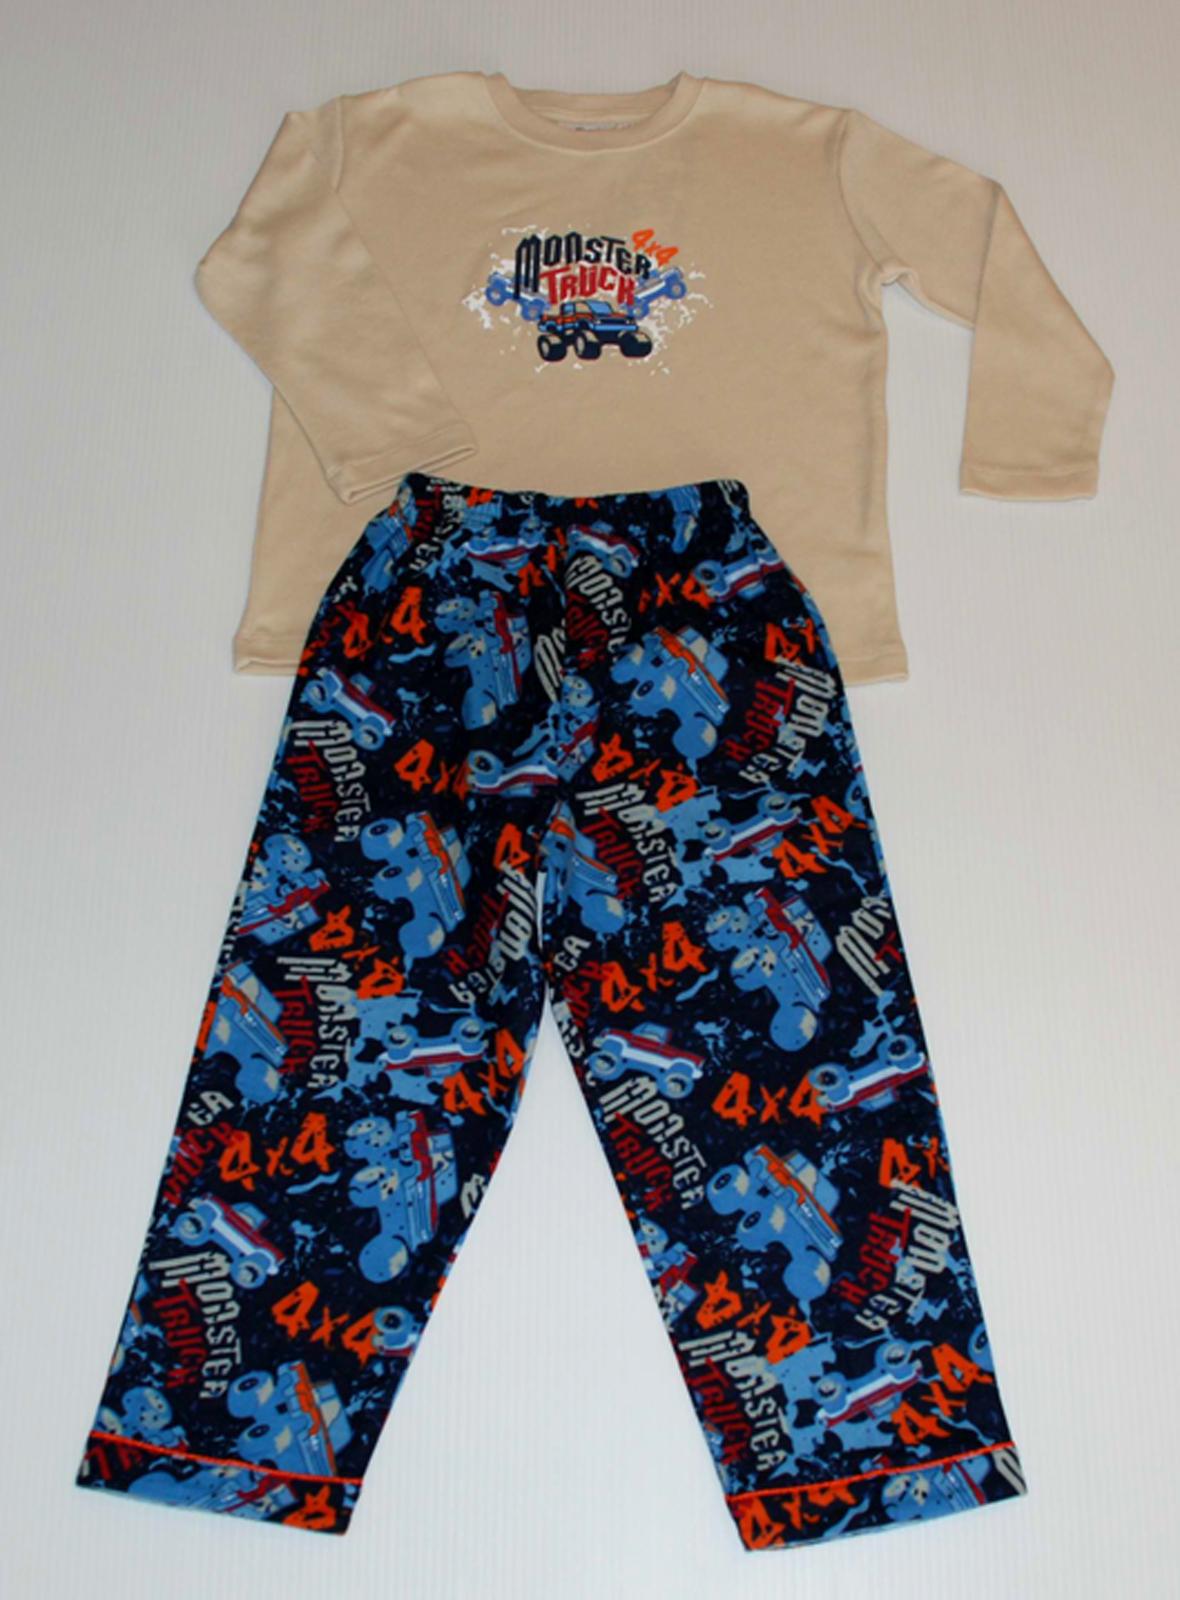 0aa807e3d6ca Boys Pyjamas - 4x4 Monster Truck